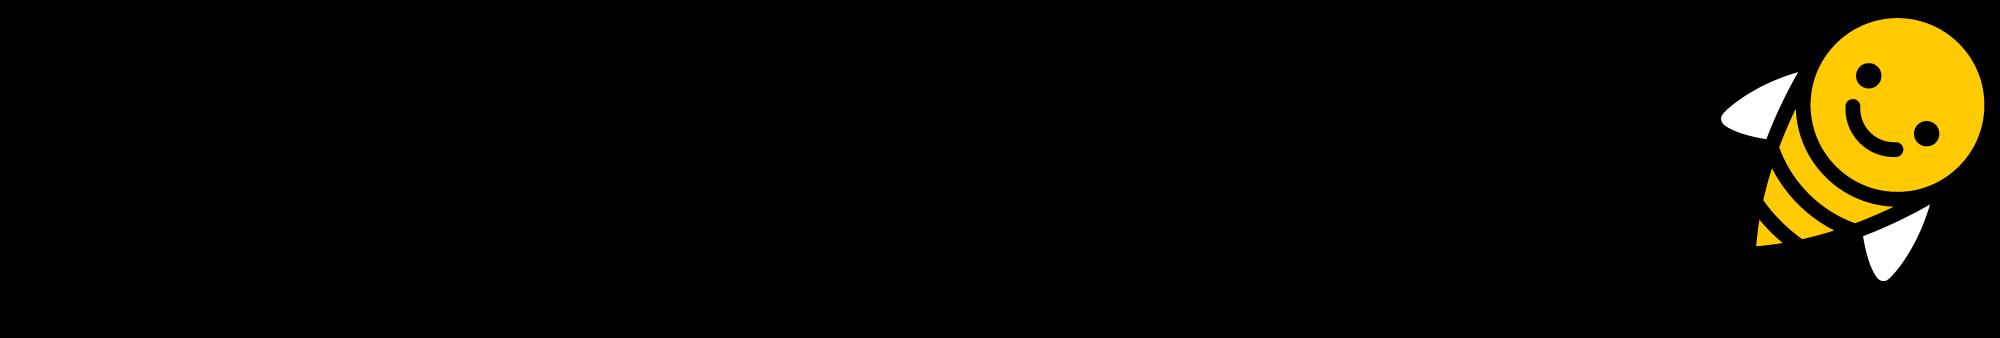 Kupon honestbee